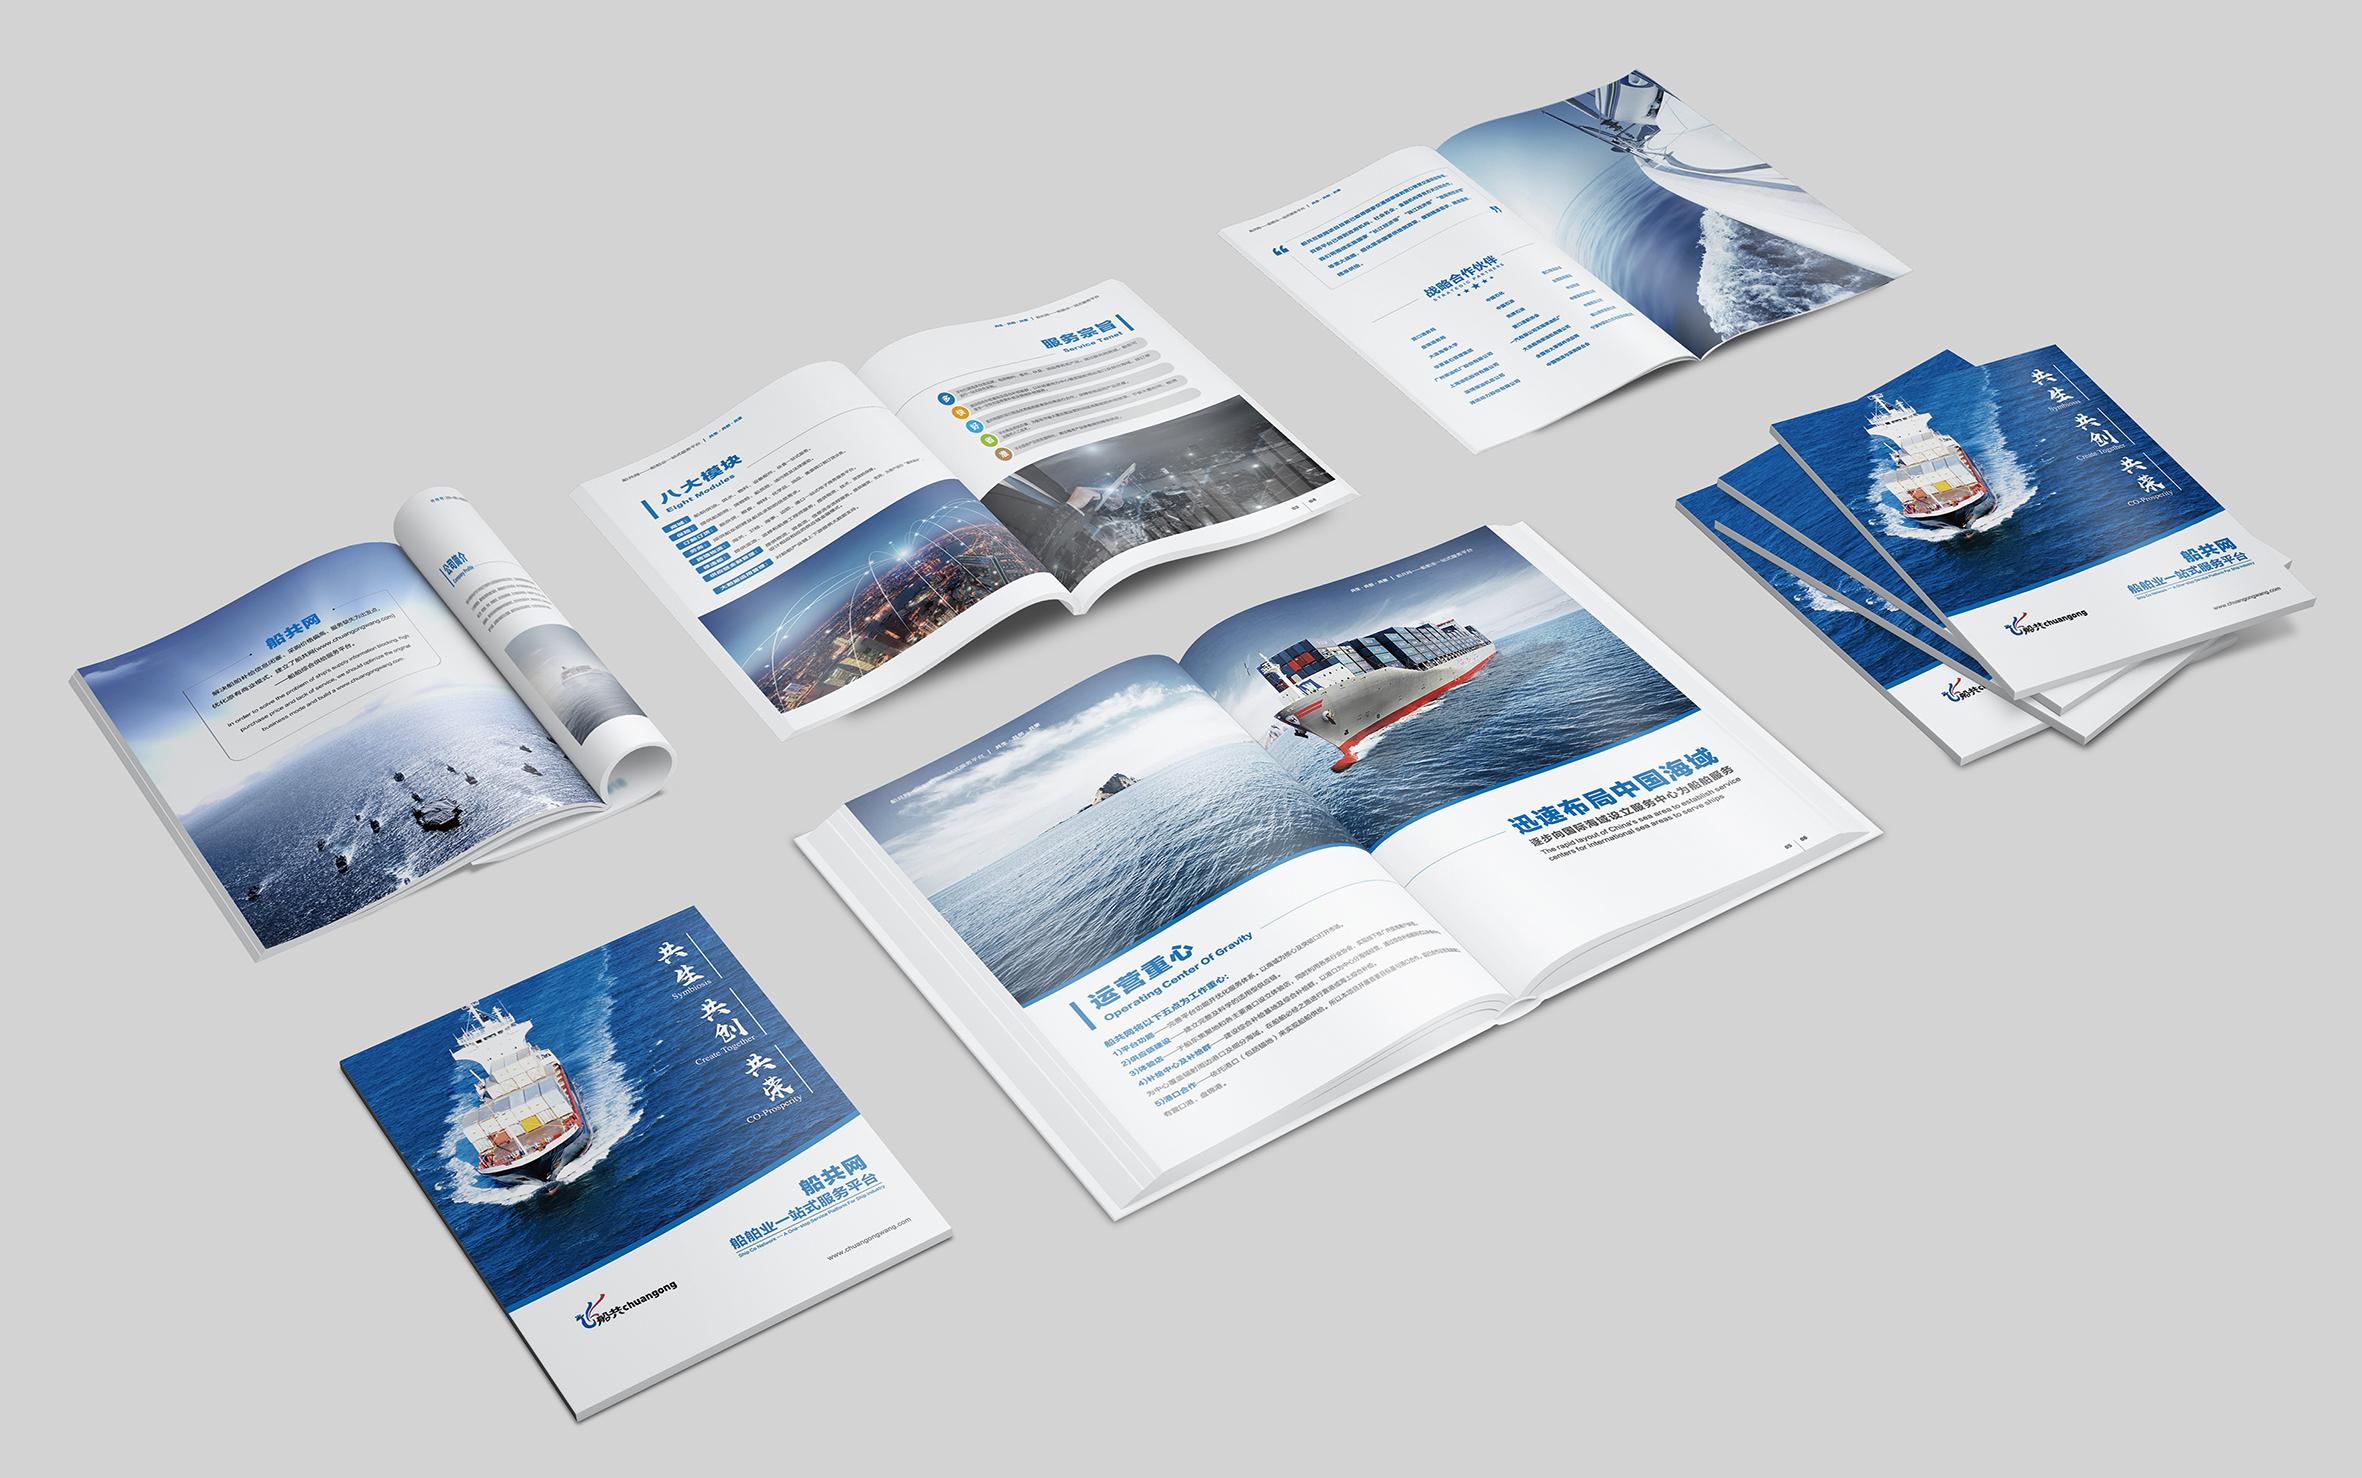 企业品牌公司产品宣传册画册设计PPT模板定制设计